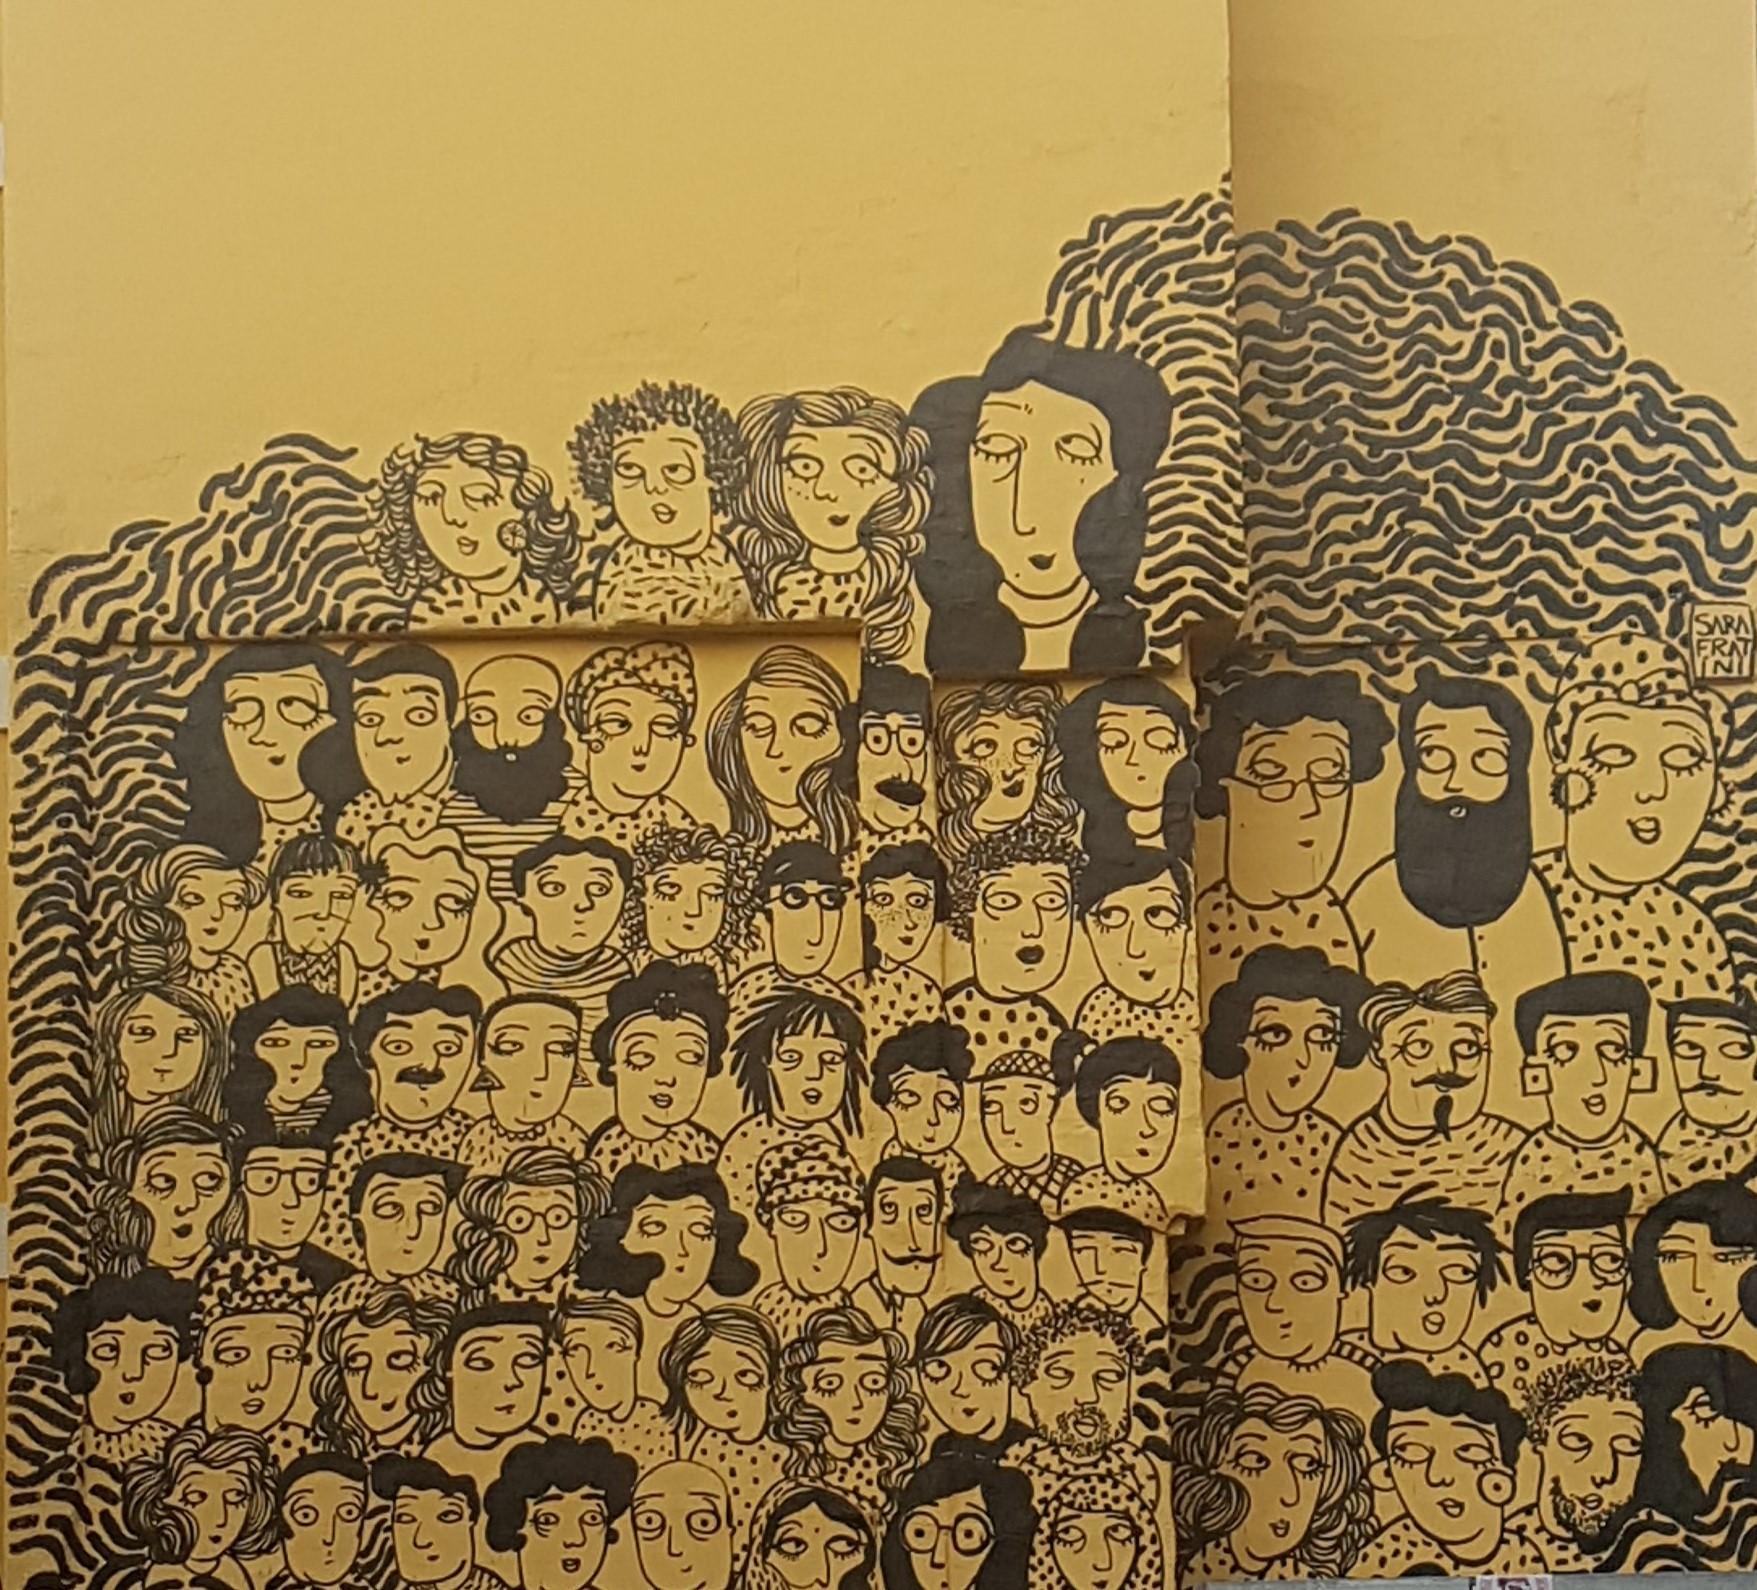 Las personas con prosopagnosia pueden entrenar el reconocimiento facial